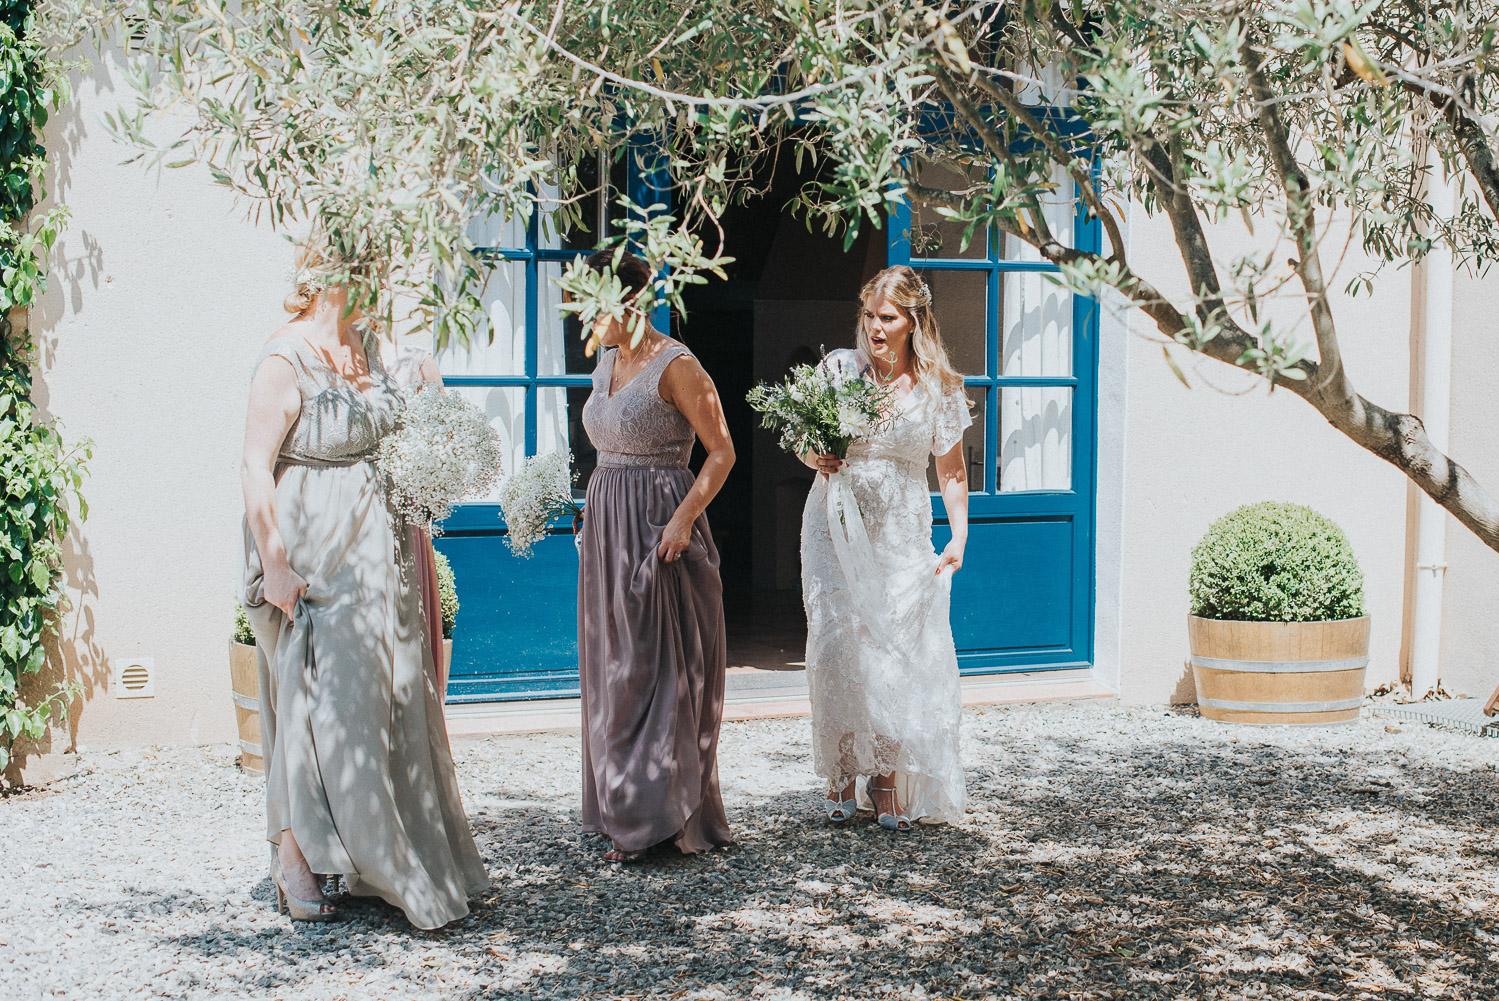 chateau_canet_carcassonne_wedding_katy_webb_photography_france_UK79